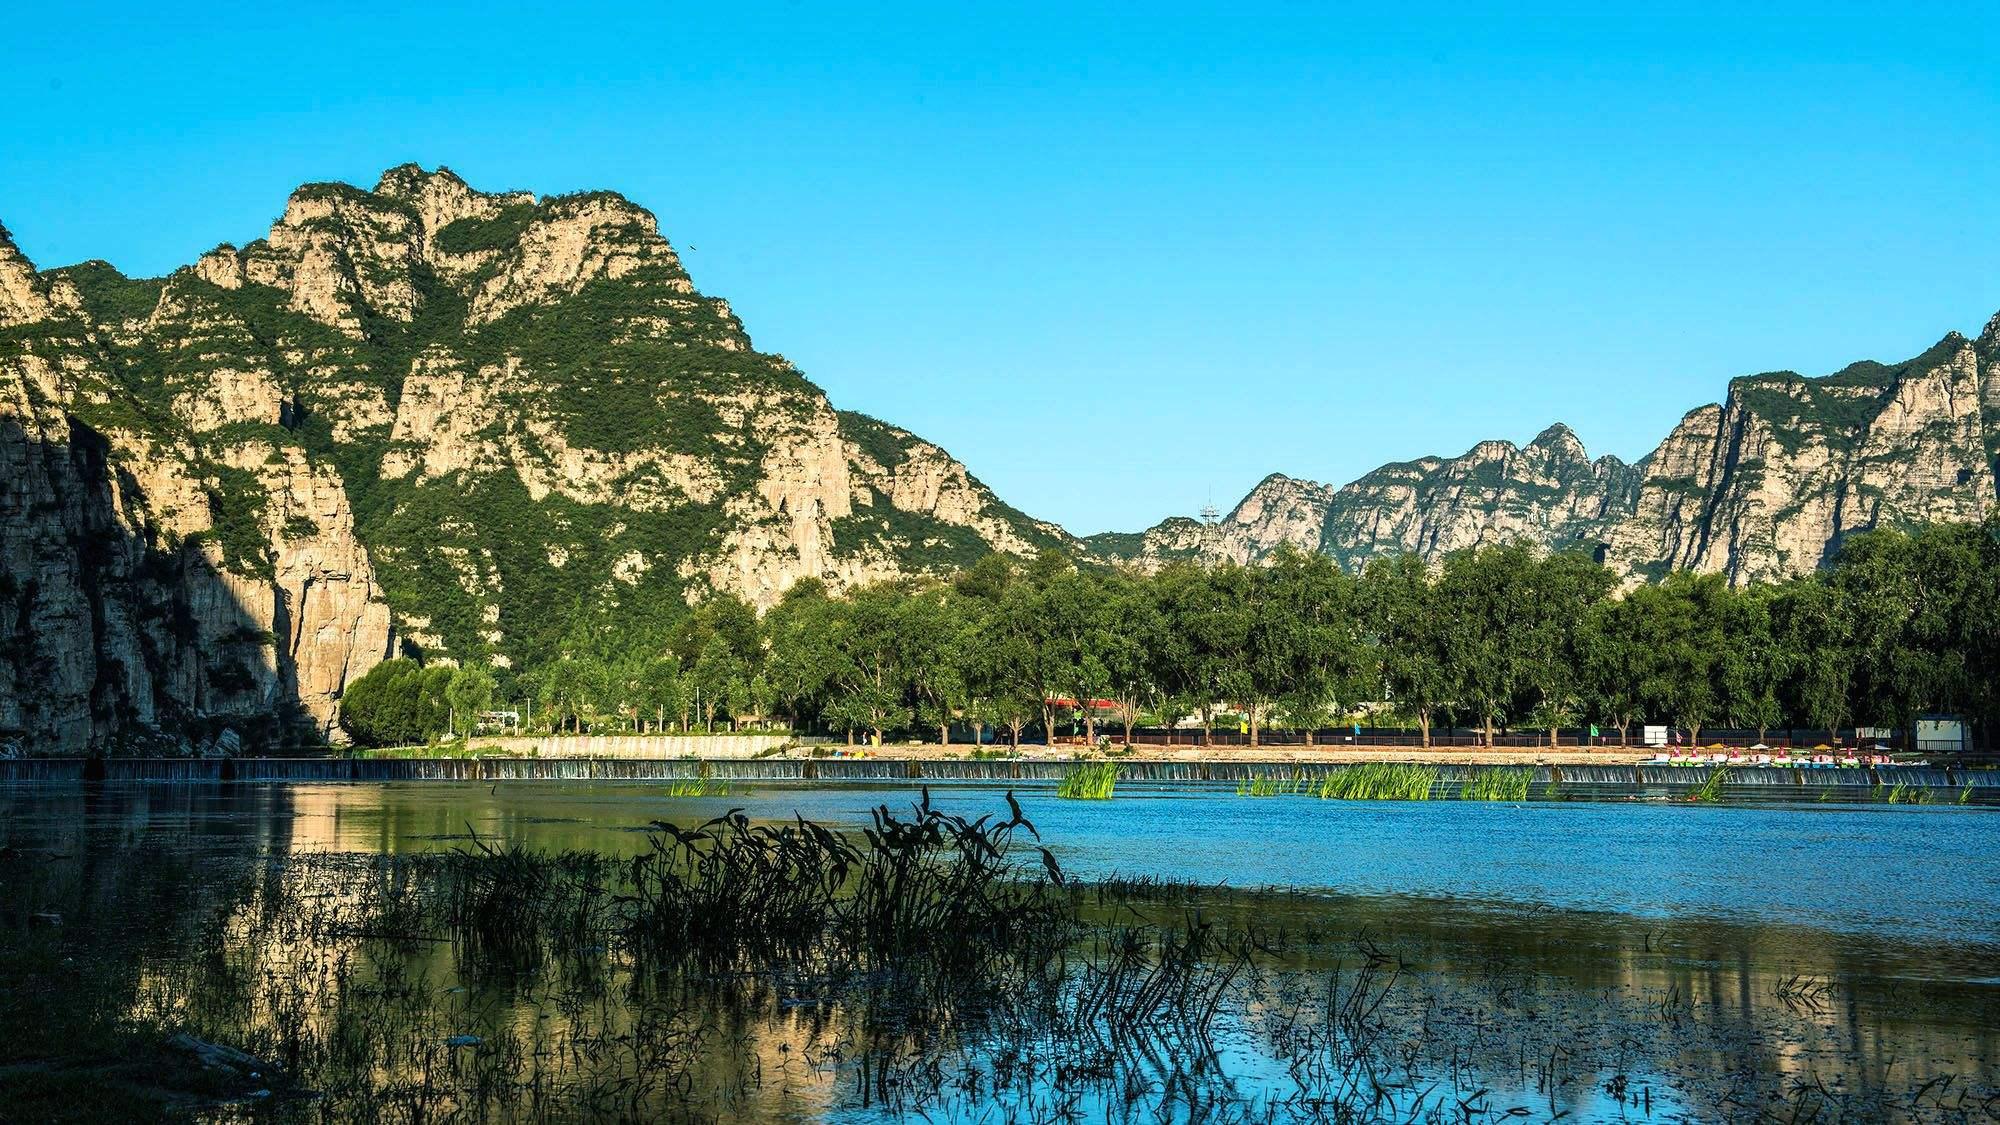 【天津出发】十渡风景区,孤山寨大峡谷休闲一日游